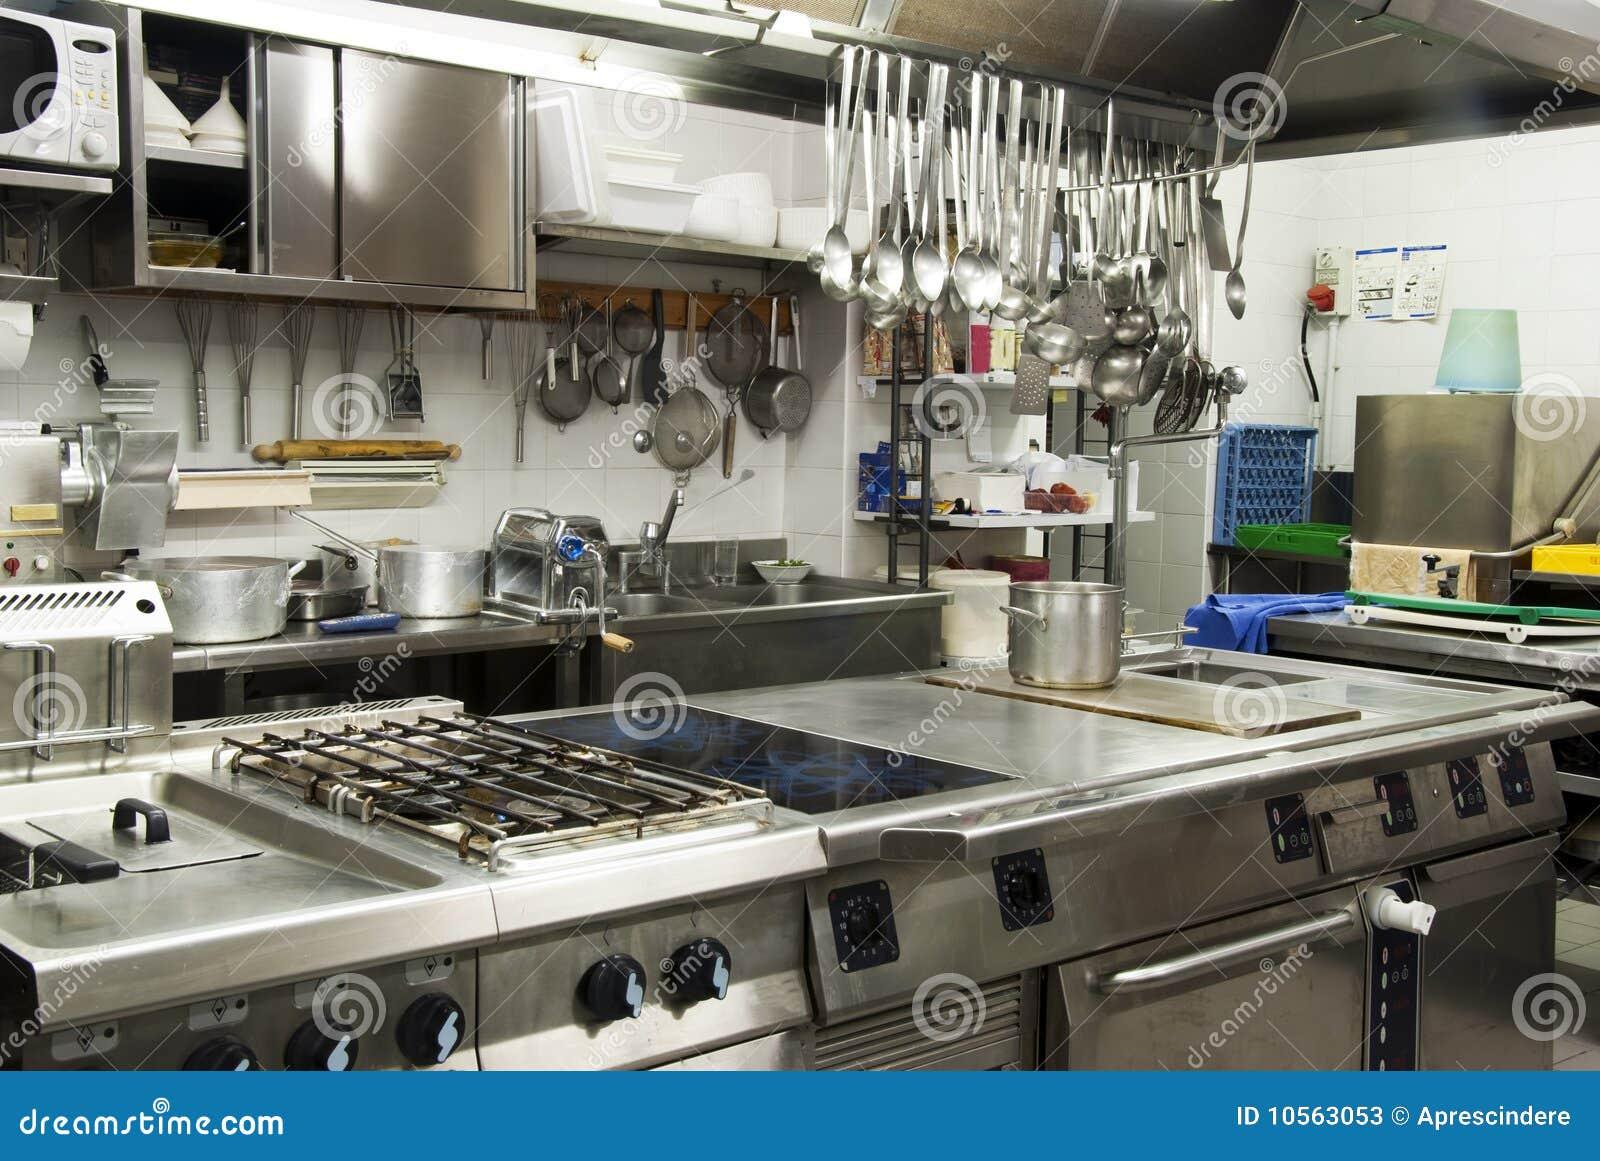 Cozinha Do Hotel Fotos de Stock Imagem: 10563053 #344666 1300 960